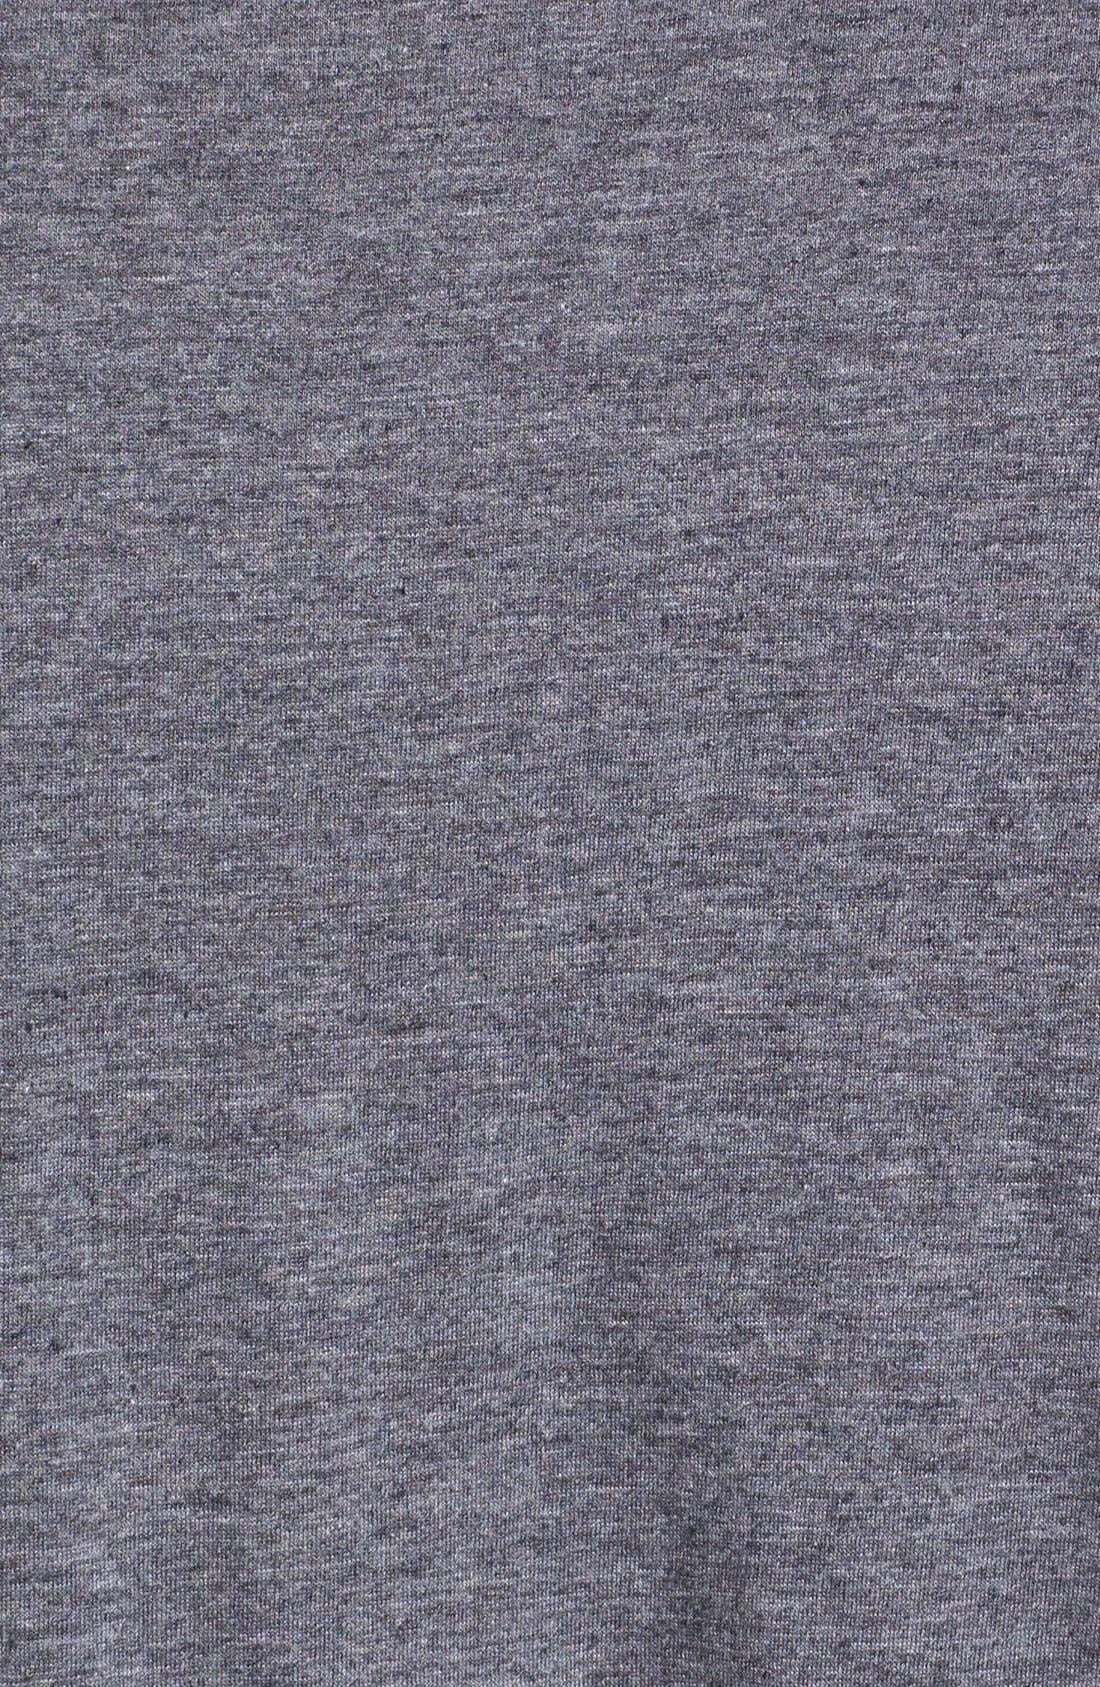 Alternate Image 3  - Daniel Buchler Cotton Blend V-Neck T-Shirt